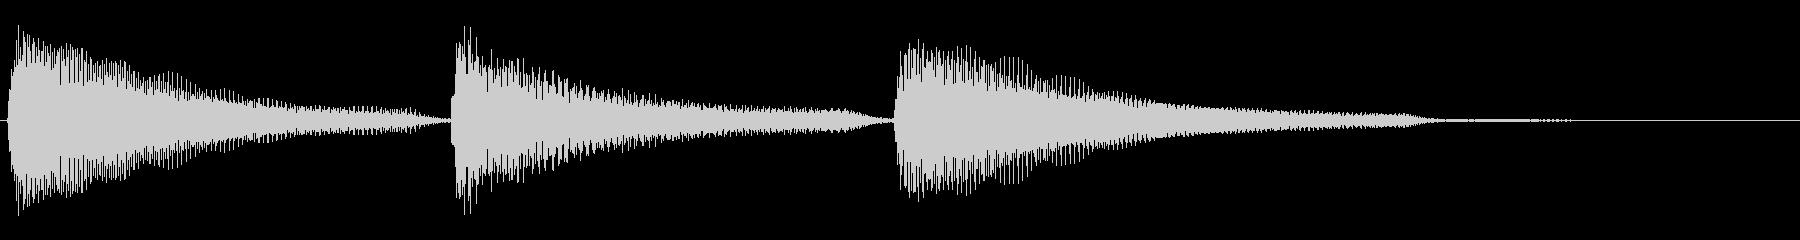 起立礼着席ピアノの未再生の波形